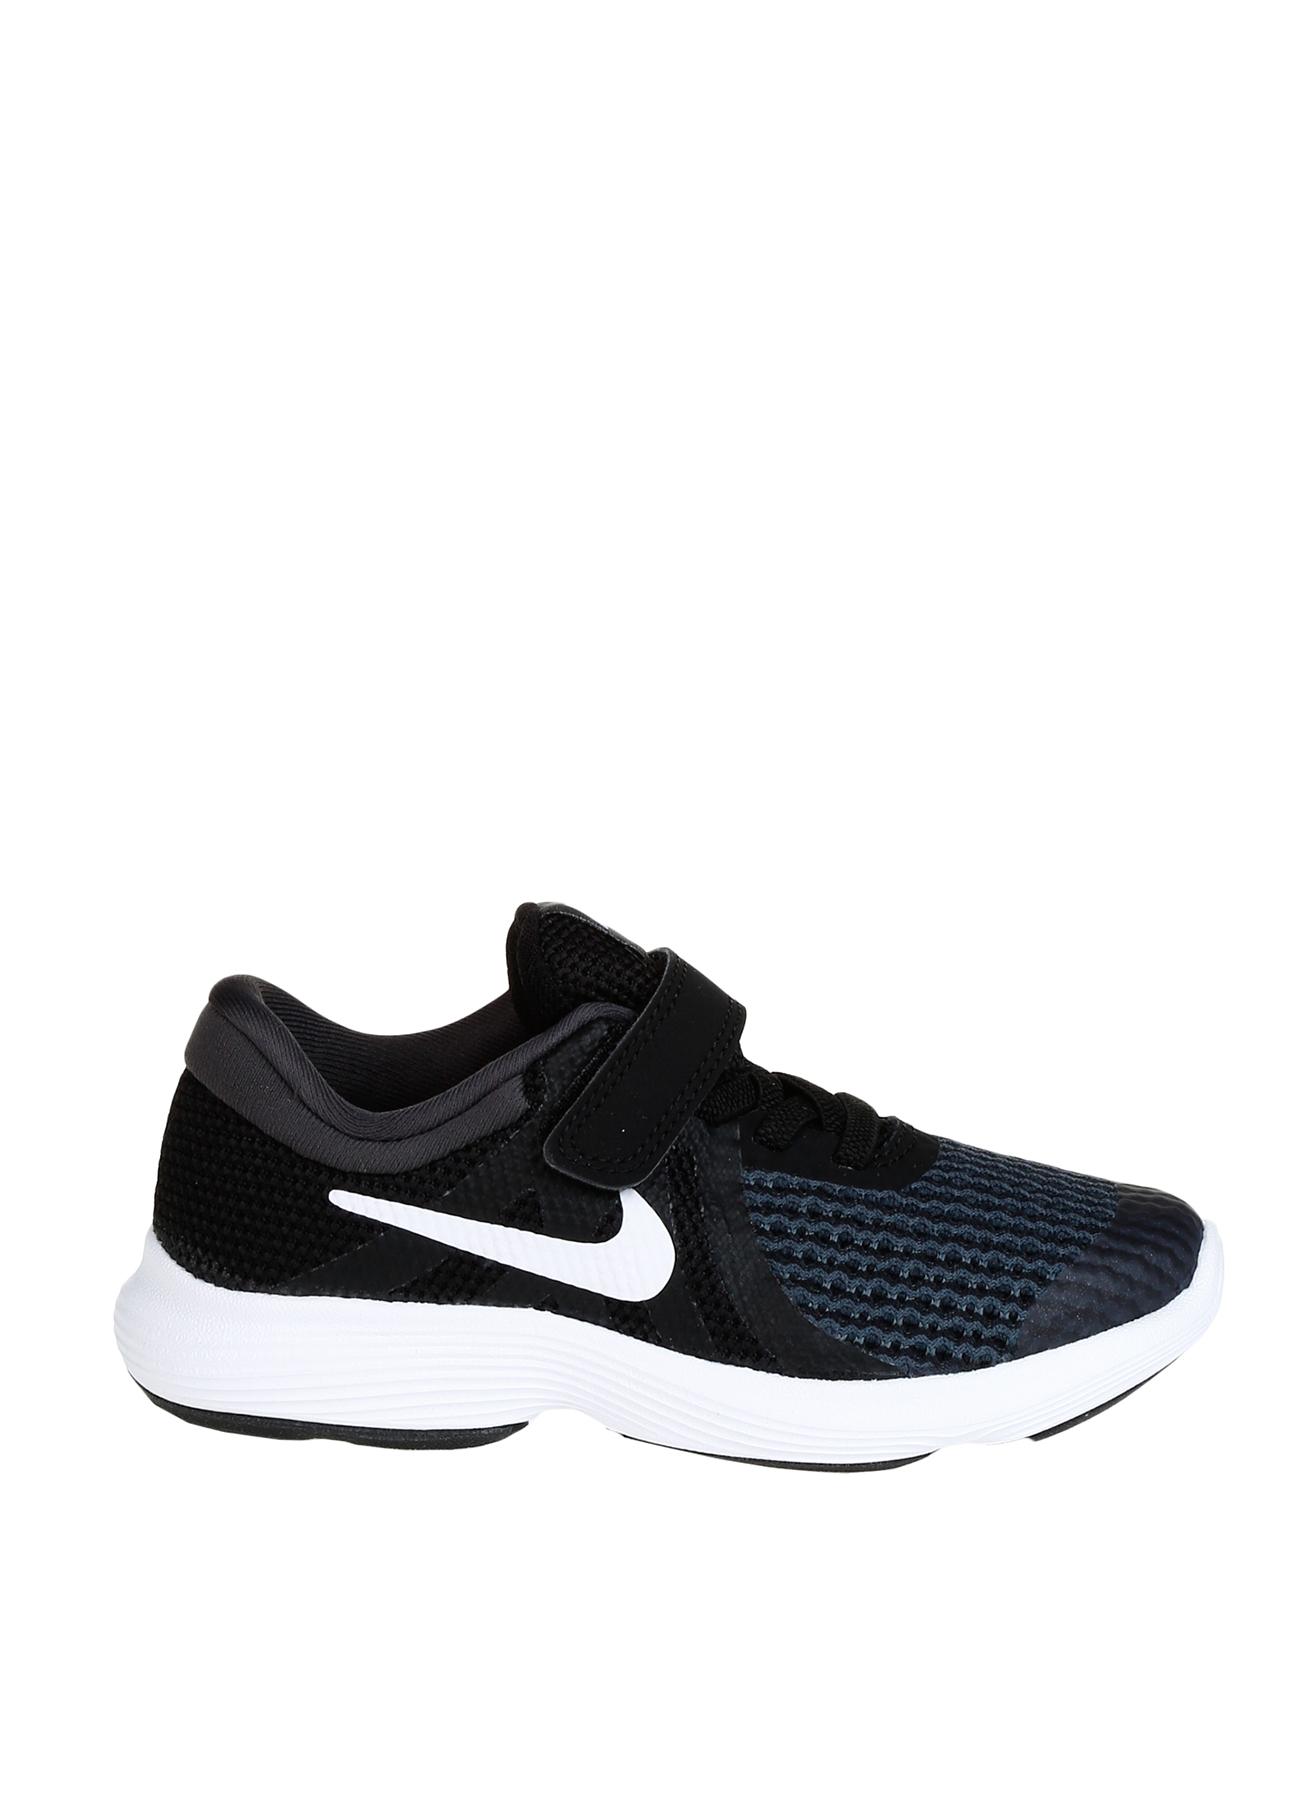 Nike Yürüyüş Ayakkabısı 27.5 5001635415001 Ürün Resmi